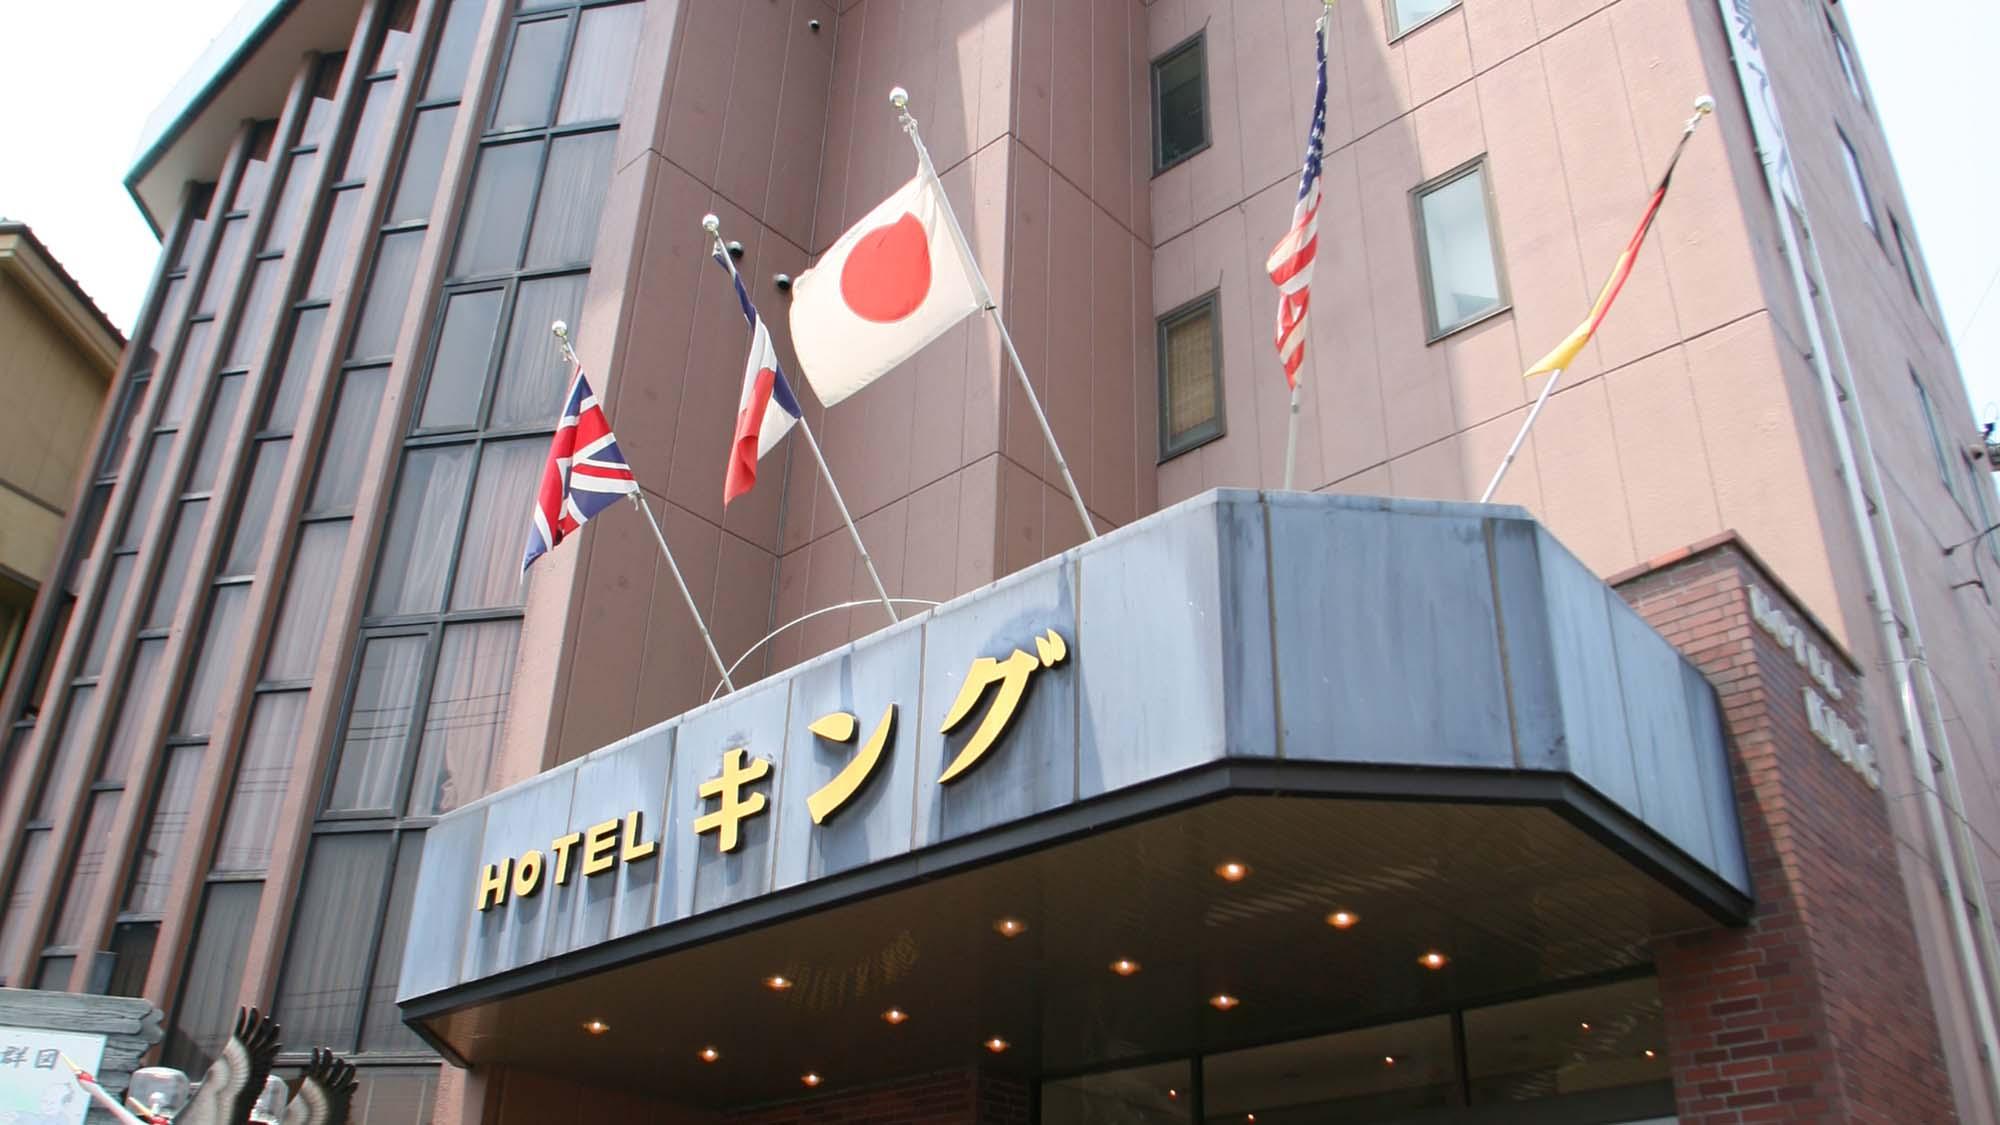 出水唯一の露天風呂付天然温泉の宿 HOTEL KING(ホテル キング)<鹿児島県>の施設画像